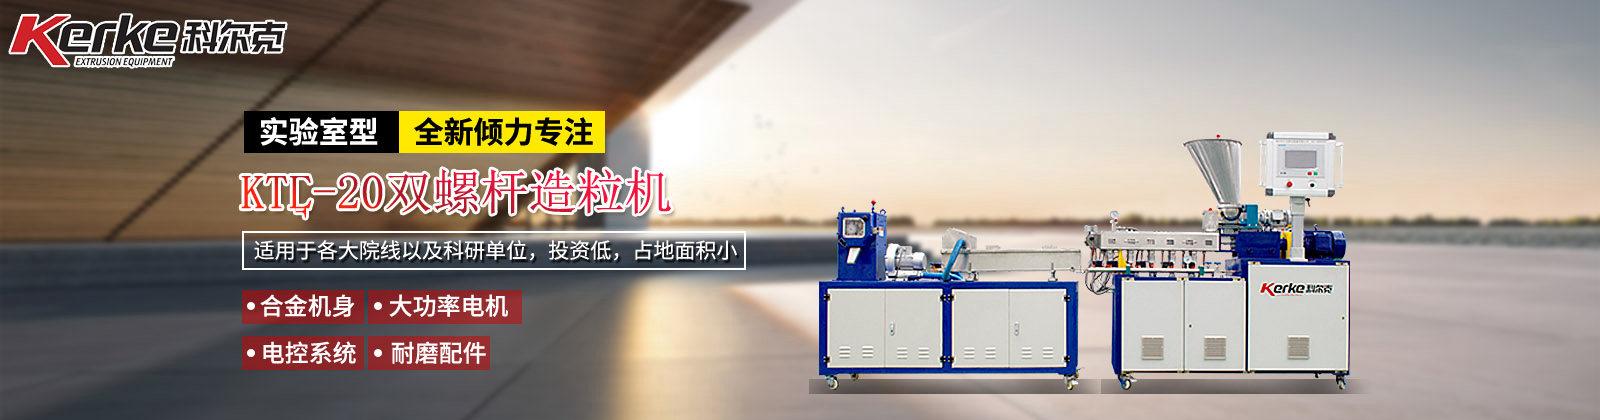 双螺杆实验型20造粒机,小型实验室造粒机,南京科尔克厂家直销